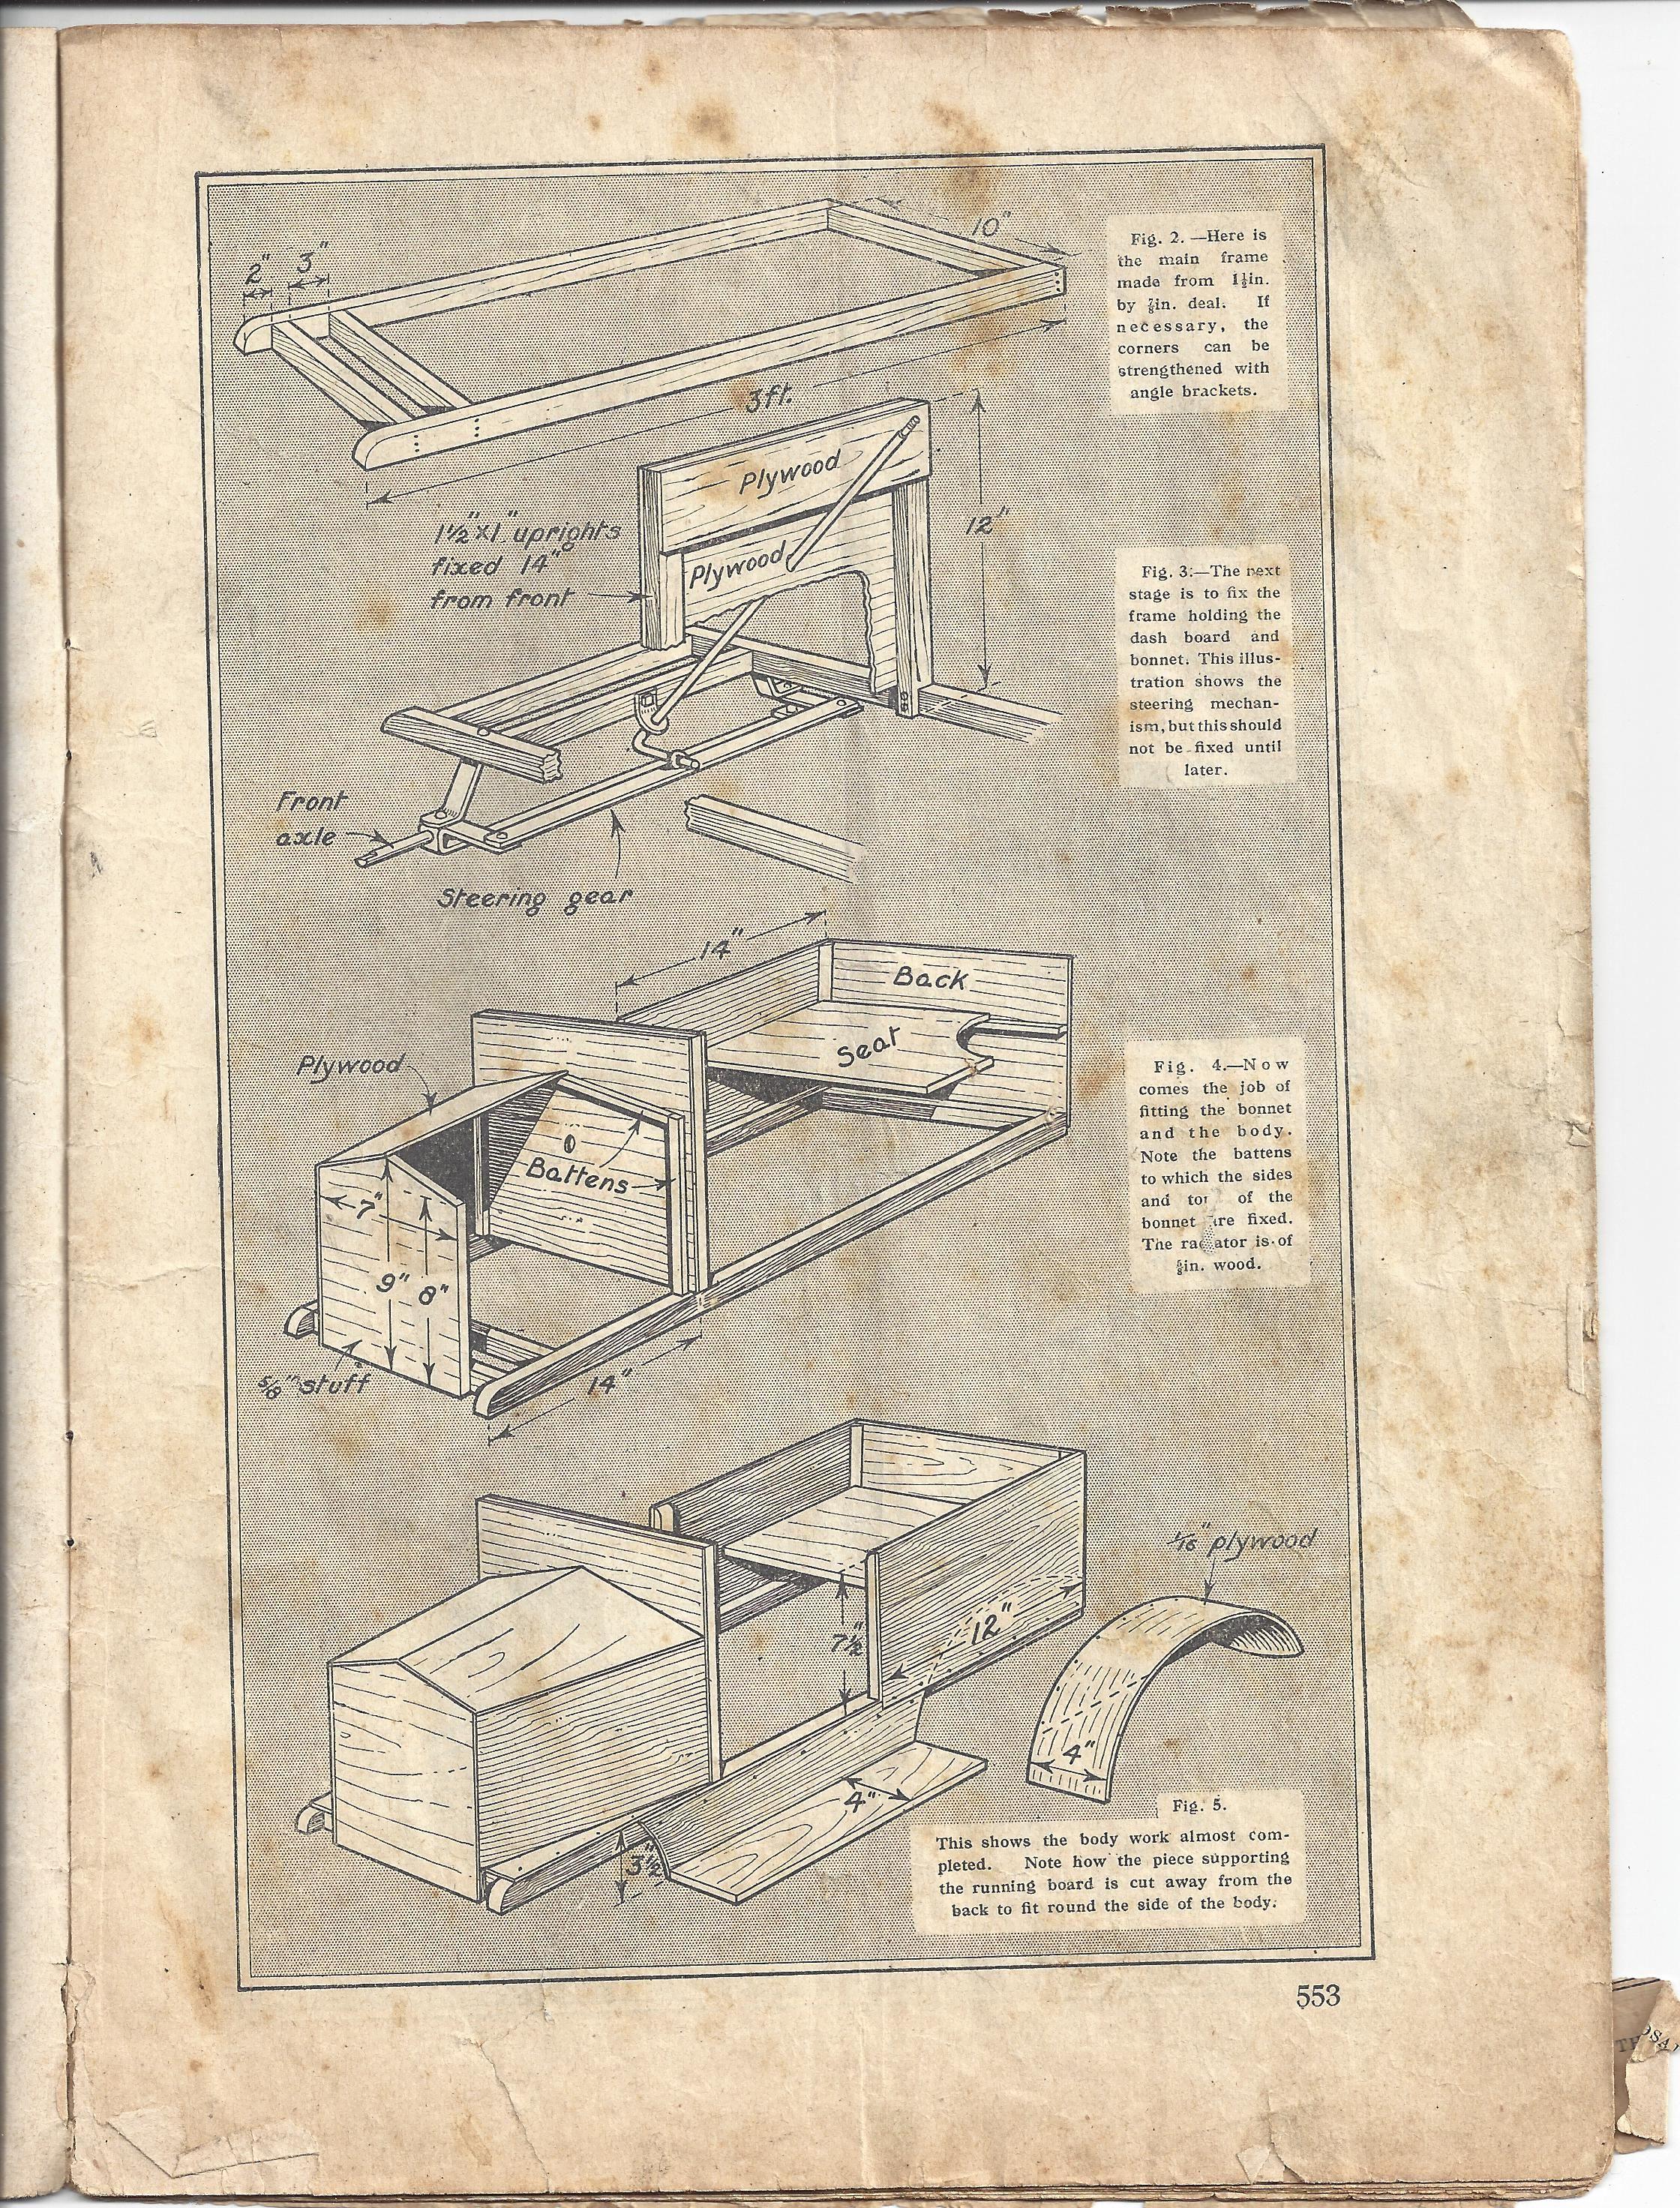 build your own vintage pedal car plans. handicrafts magazine 1928 ...